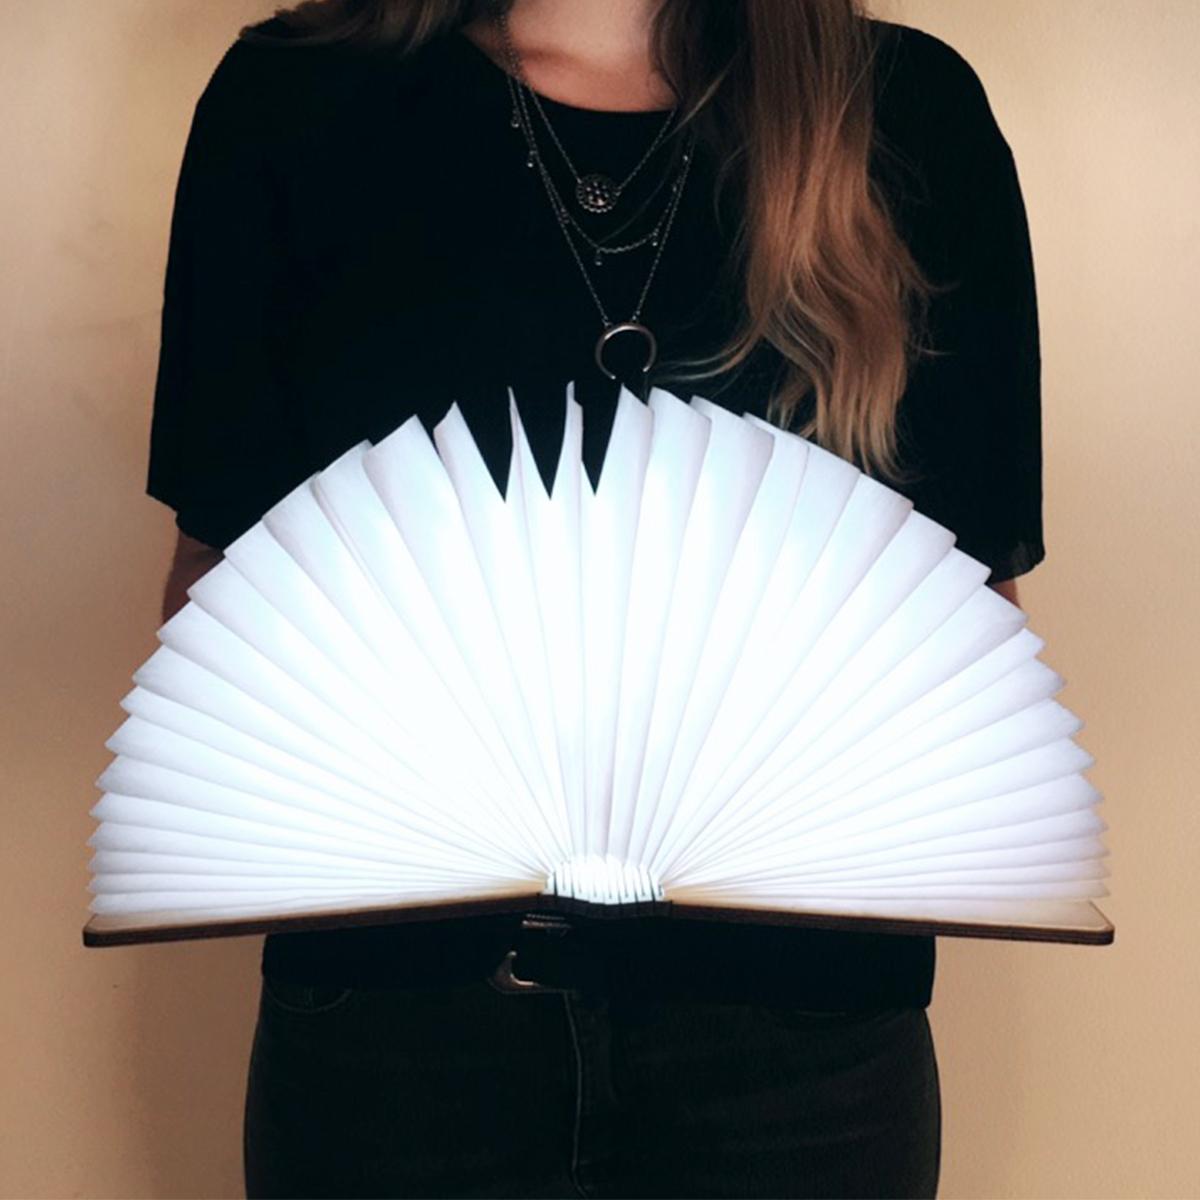 Vorschaubild von Buch-Leuchte mit Holzeinband